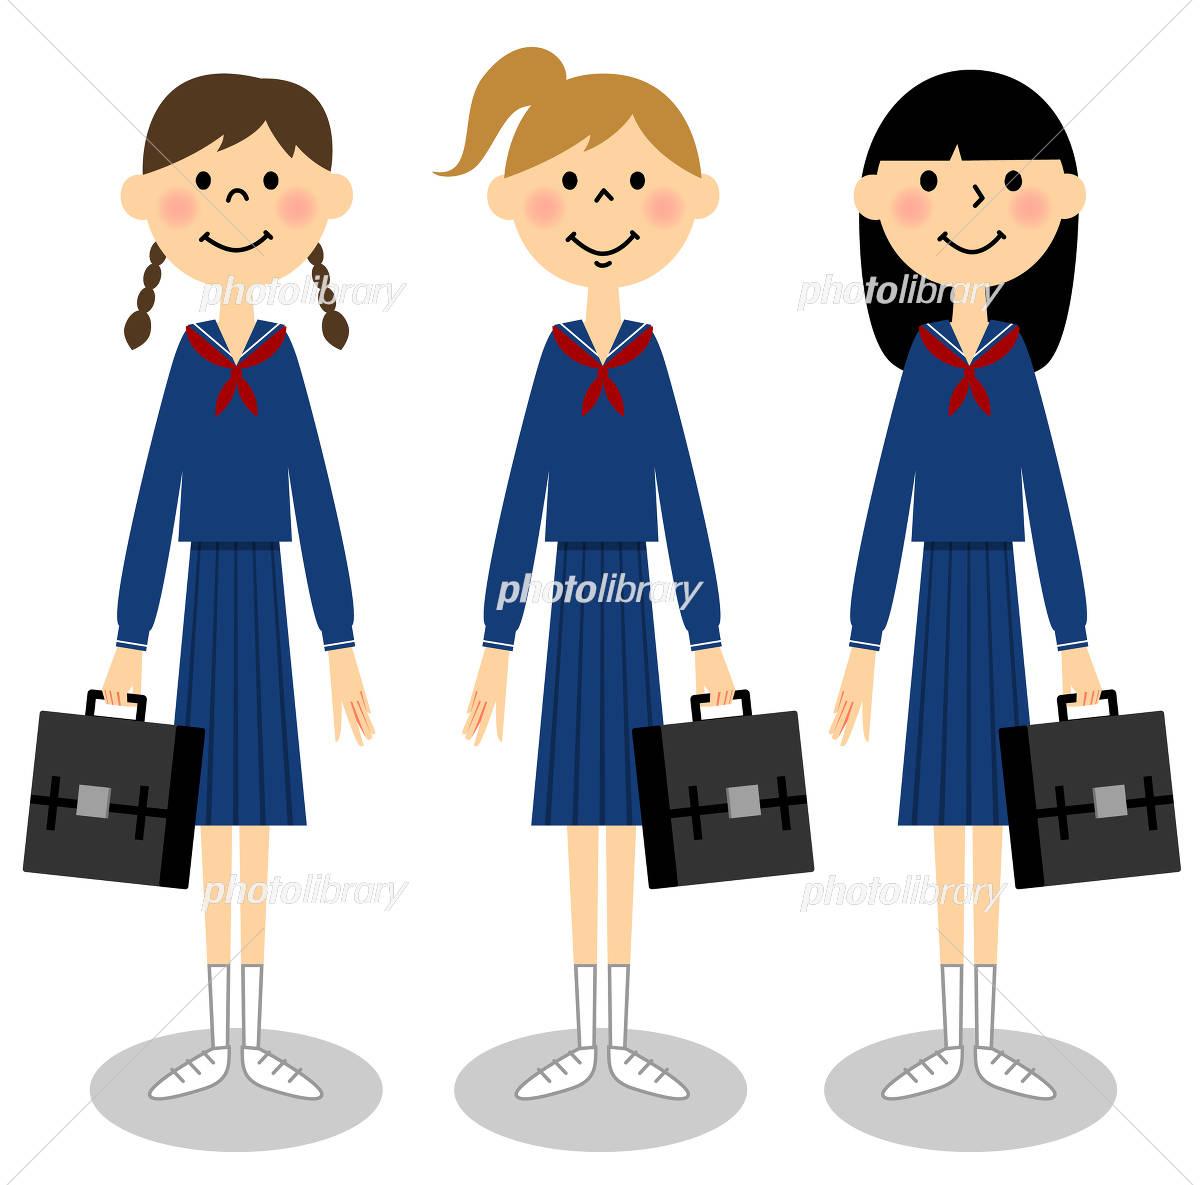 通学イメージ 女子中学生 イラスト素材 4211507 フォトライブ